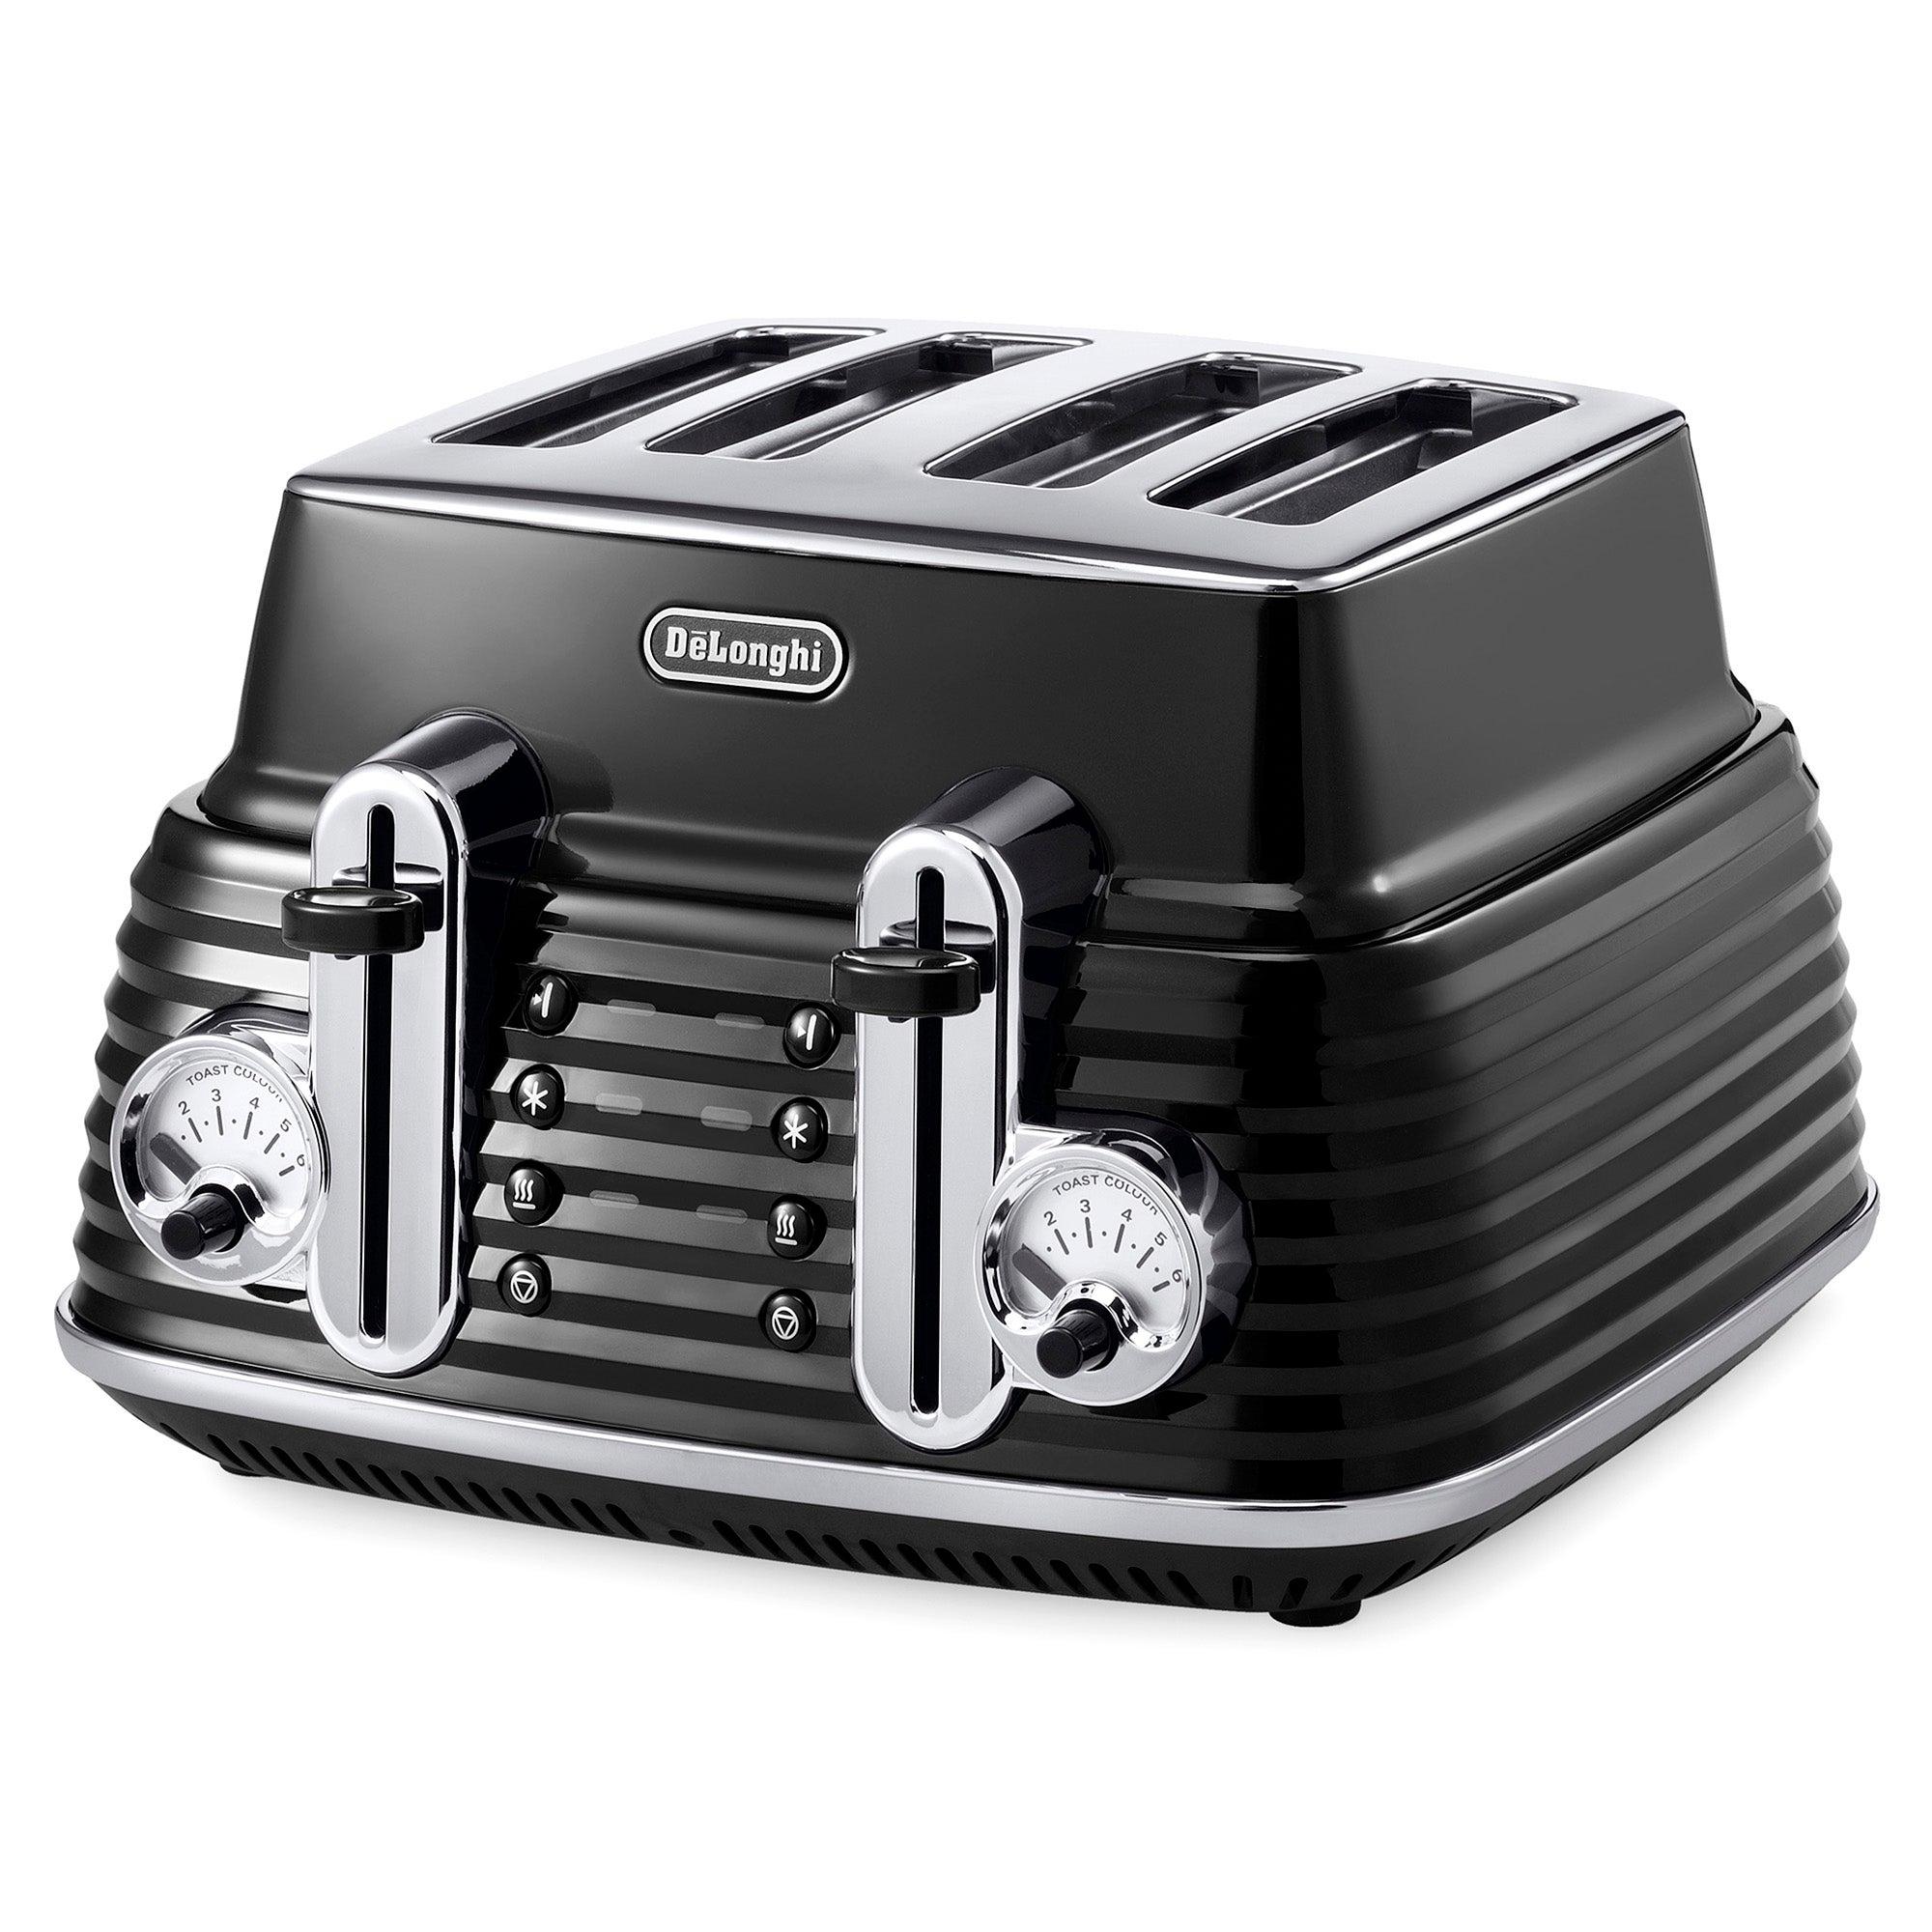 DeLonghi Scultura Black Toaster